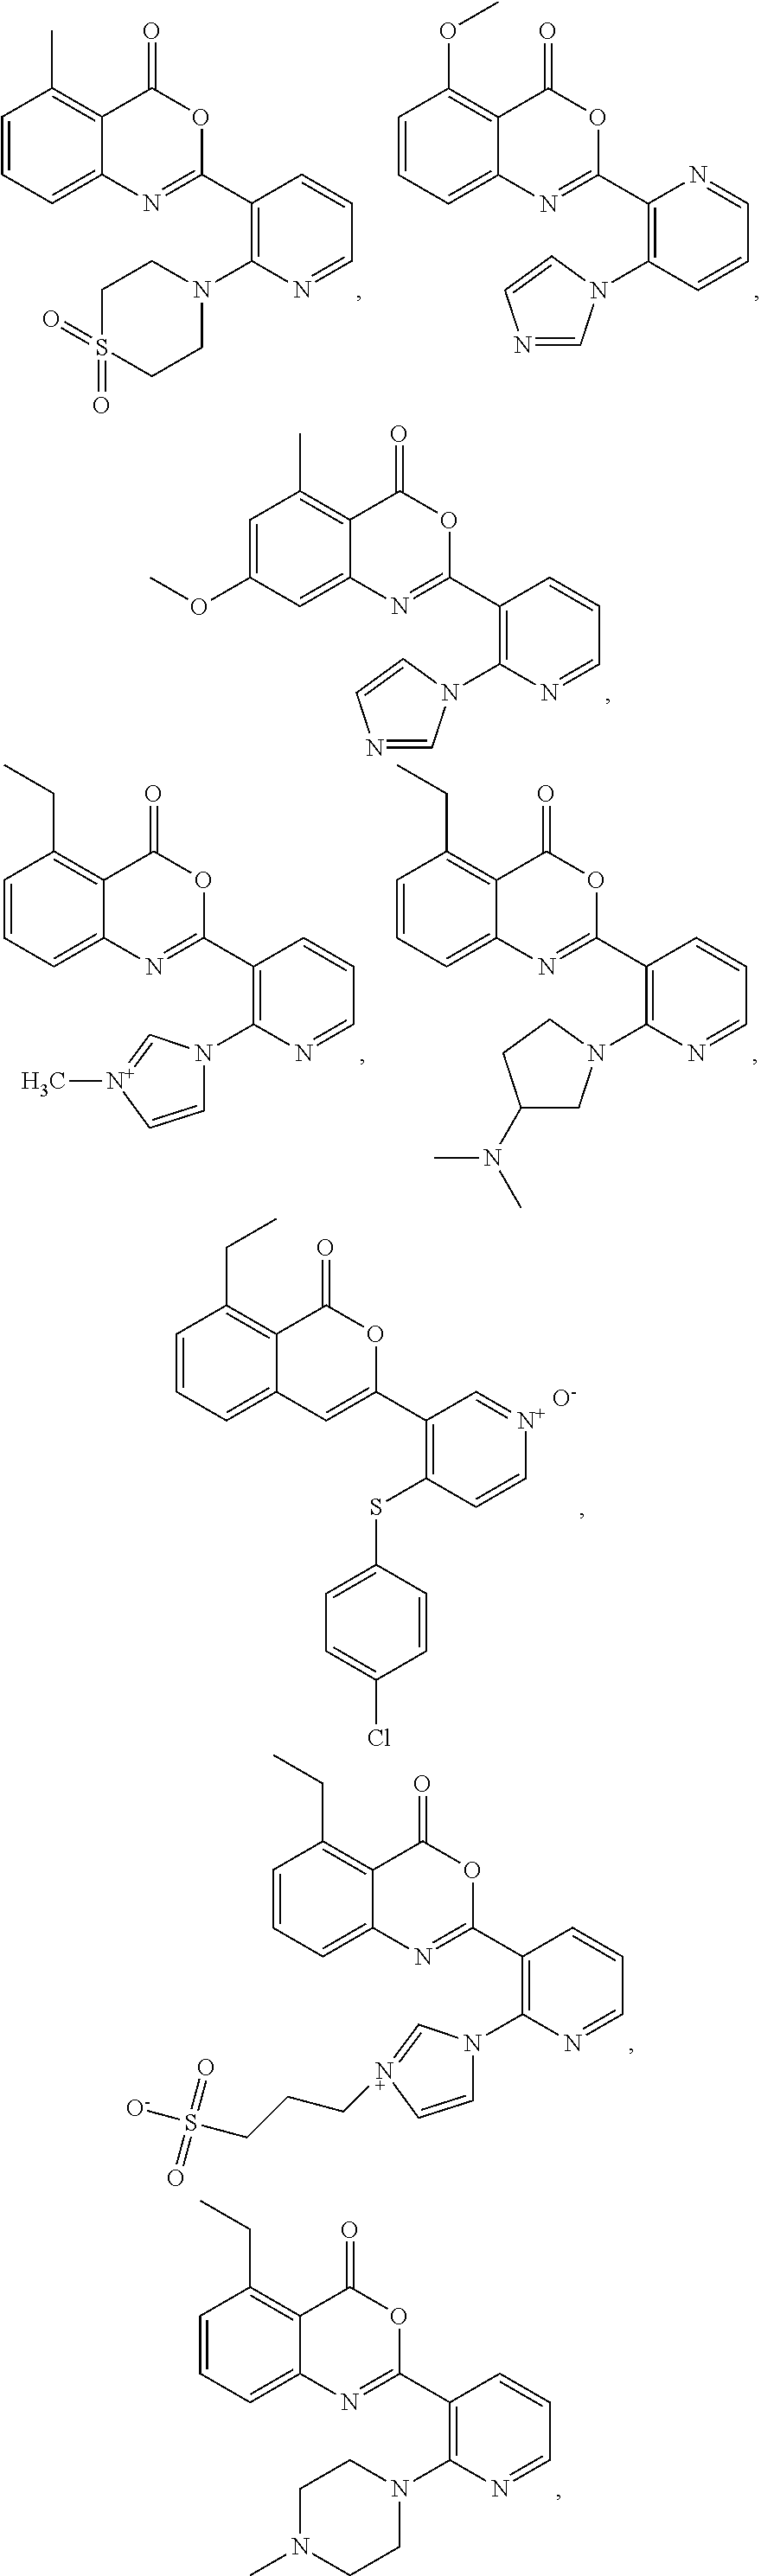 Figure US07879846-20110201-C00388